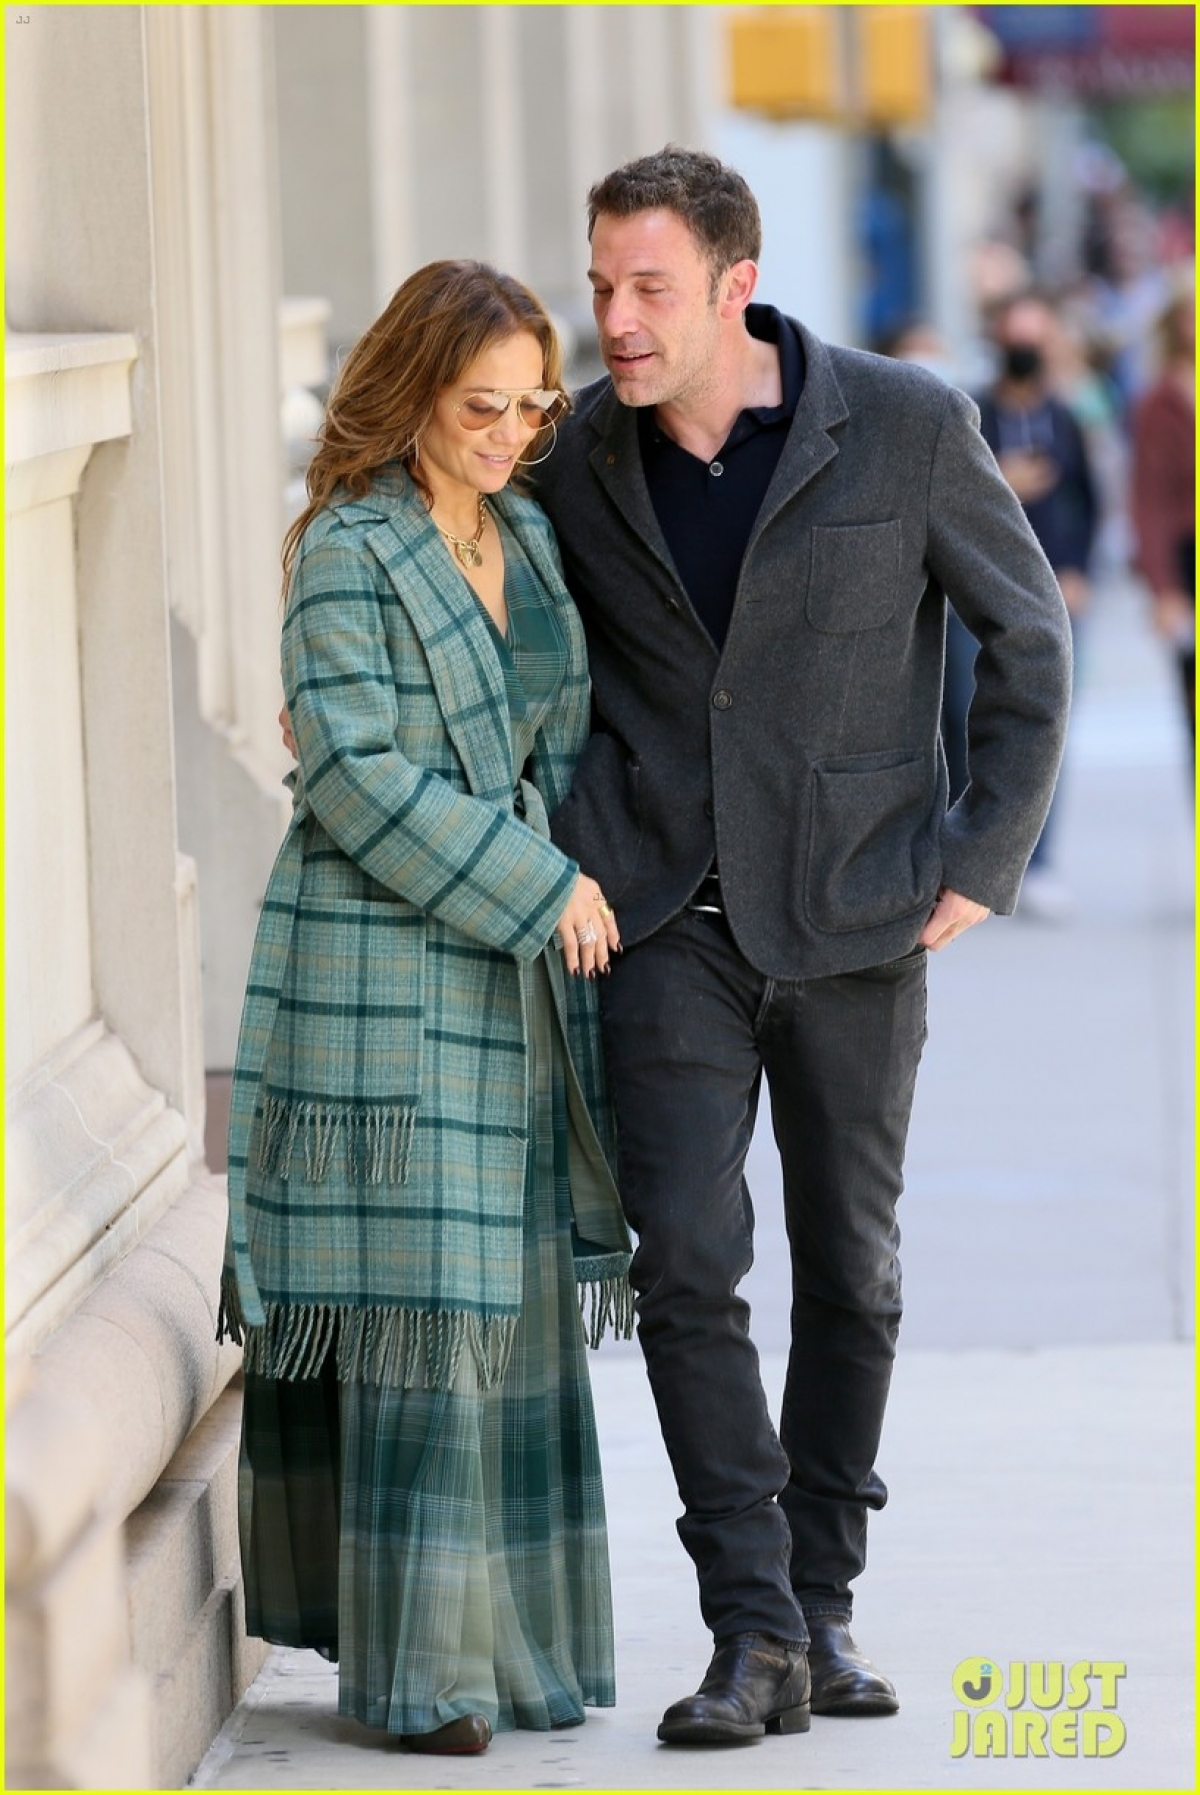 Jennifer Lopez tái hợp Ben Affleck từ cuối tháng 4. Họ kết nối nhanh chóng vì từng gắn bó vào đầu thập niên 2000. Có thời điểm, hai ngôi sao liên tục gặp gỡ, đi chơi riêng ở Los Angeles, nghỉ dưỡng ở Montana, nắm tay nhau khi đi ăn tối. Có thông tin cho rằng nữ ca sĩ muốn chuyển về Los Angeles để sống gần người yêu.